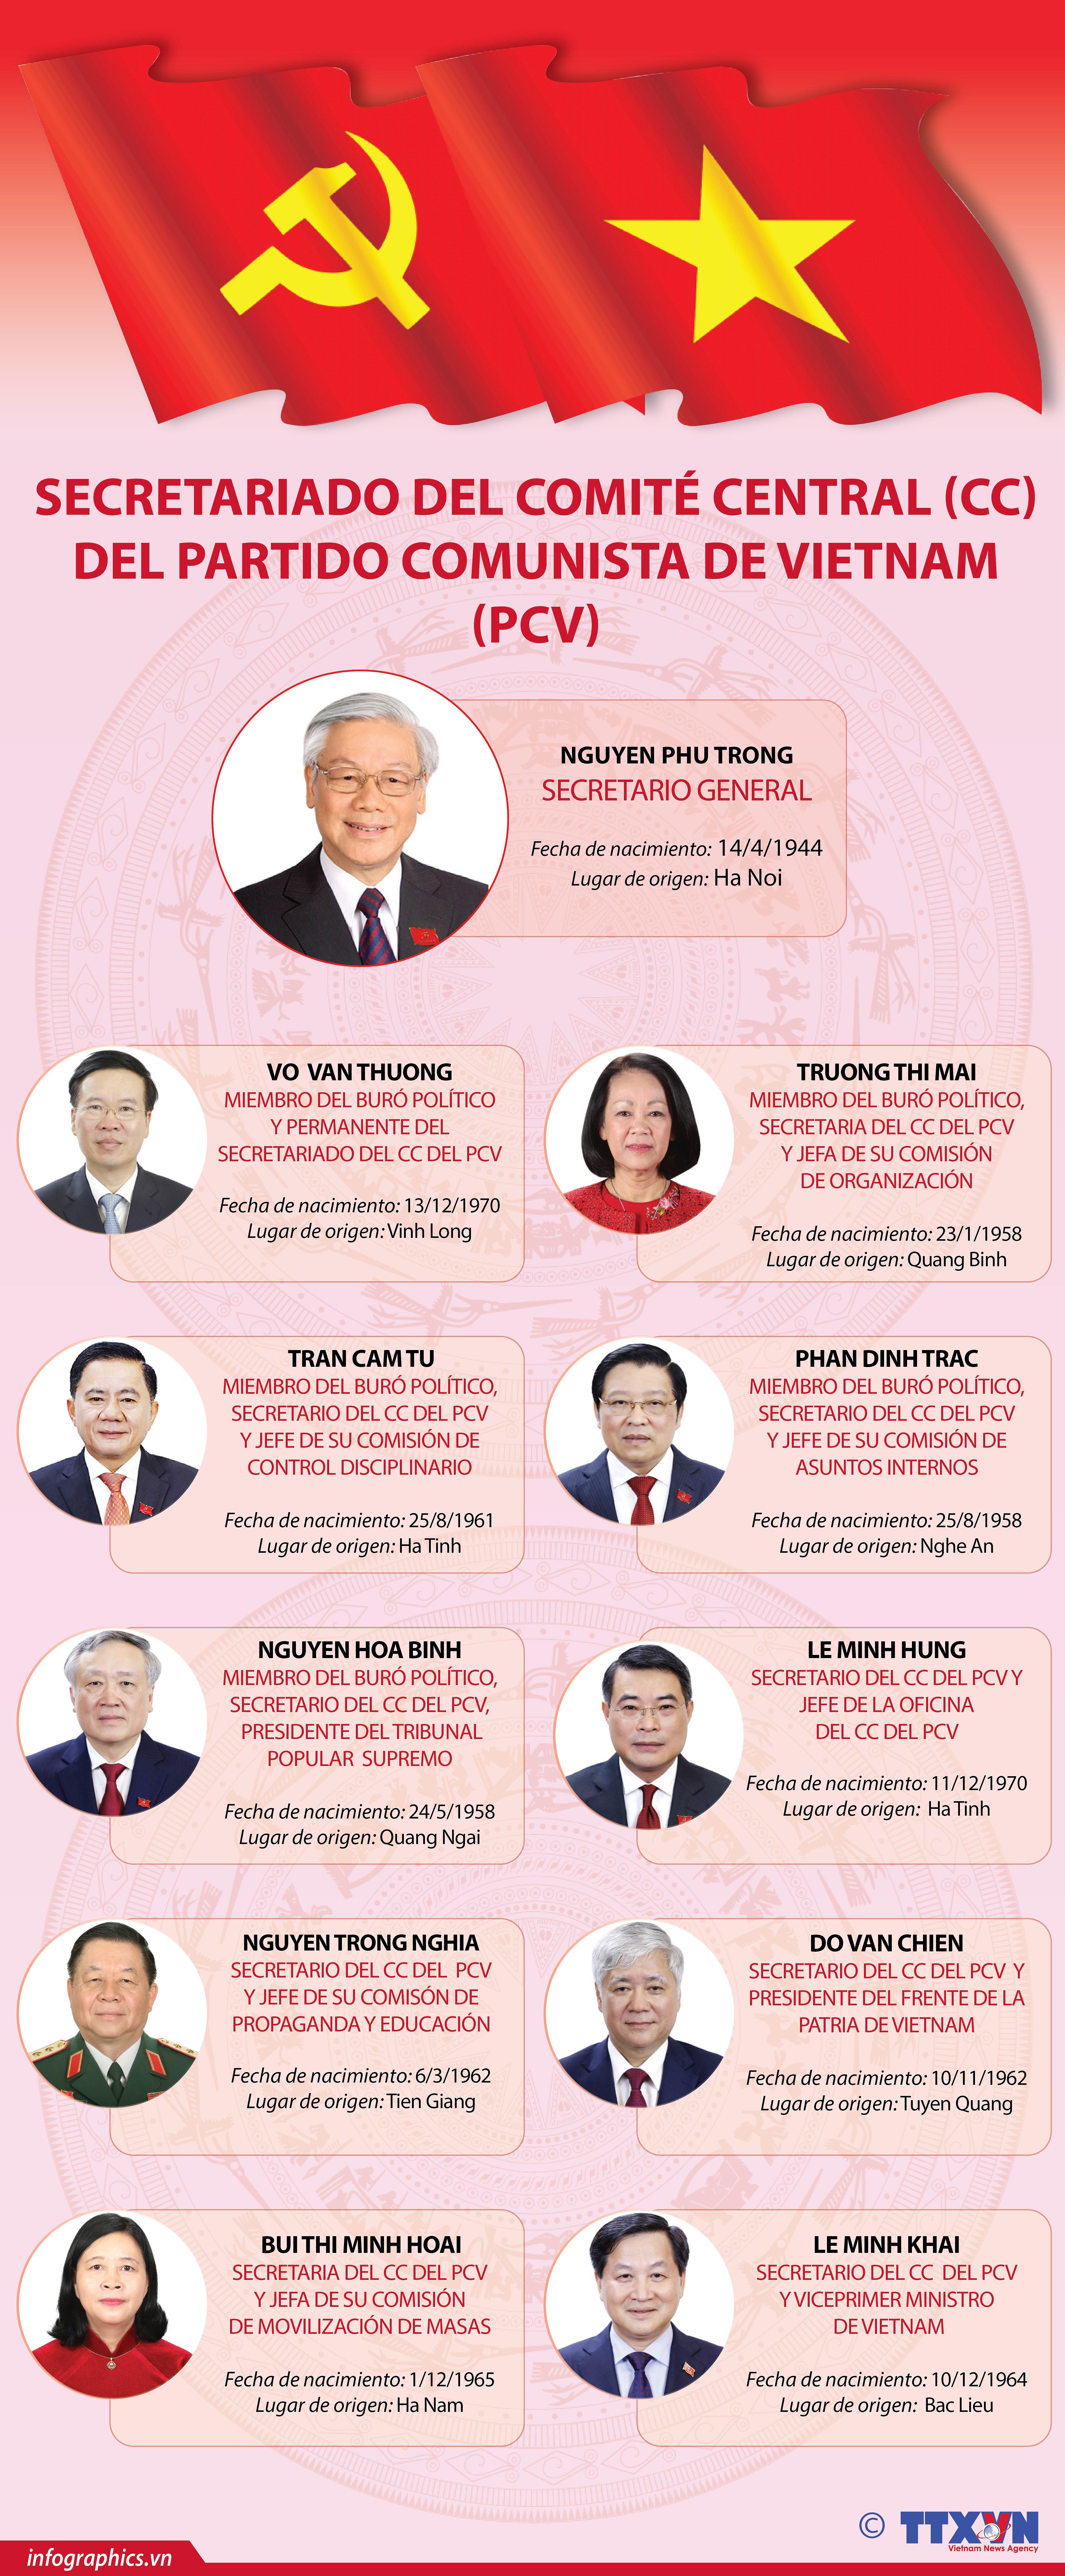 Miembros del Secretariado del Partido Comunista de Vietnam hinh anh 1